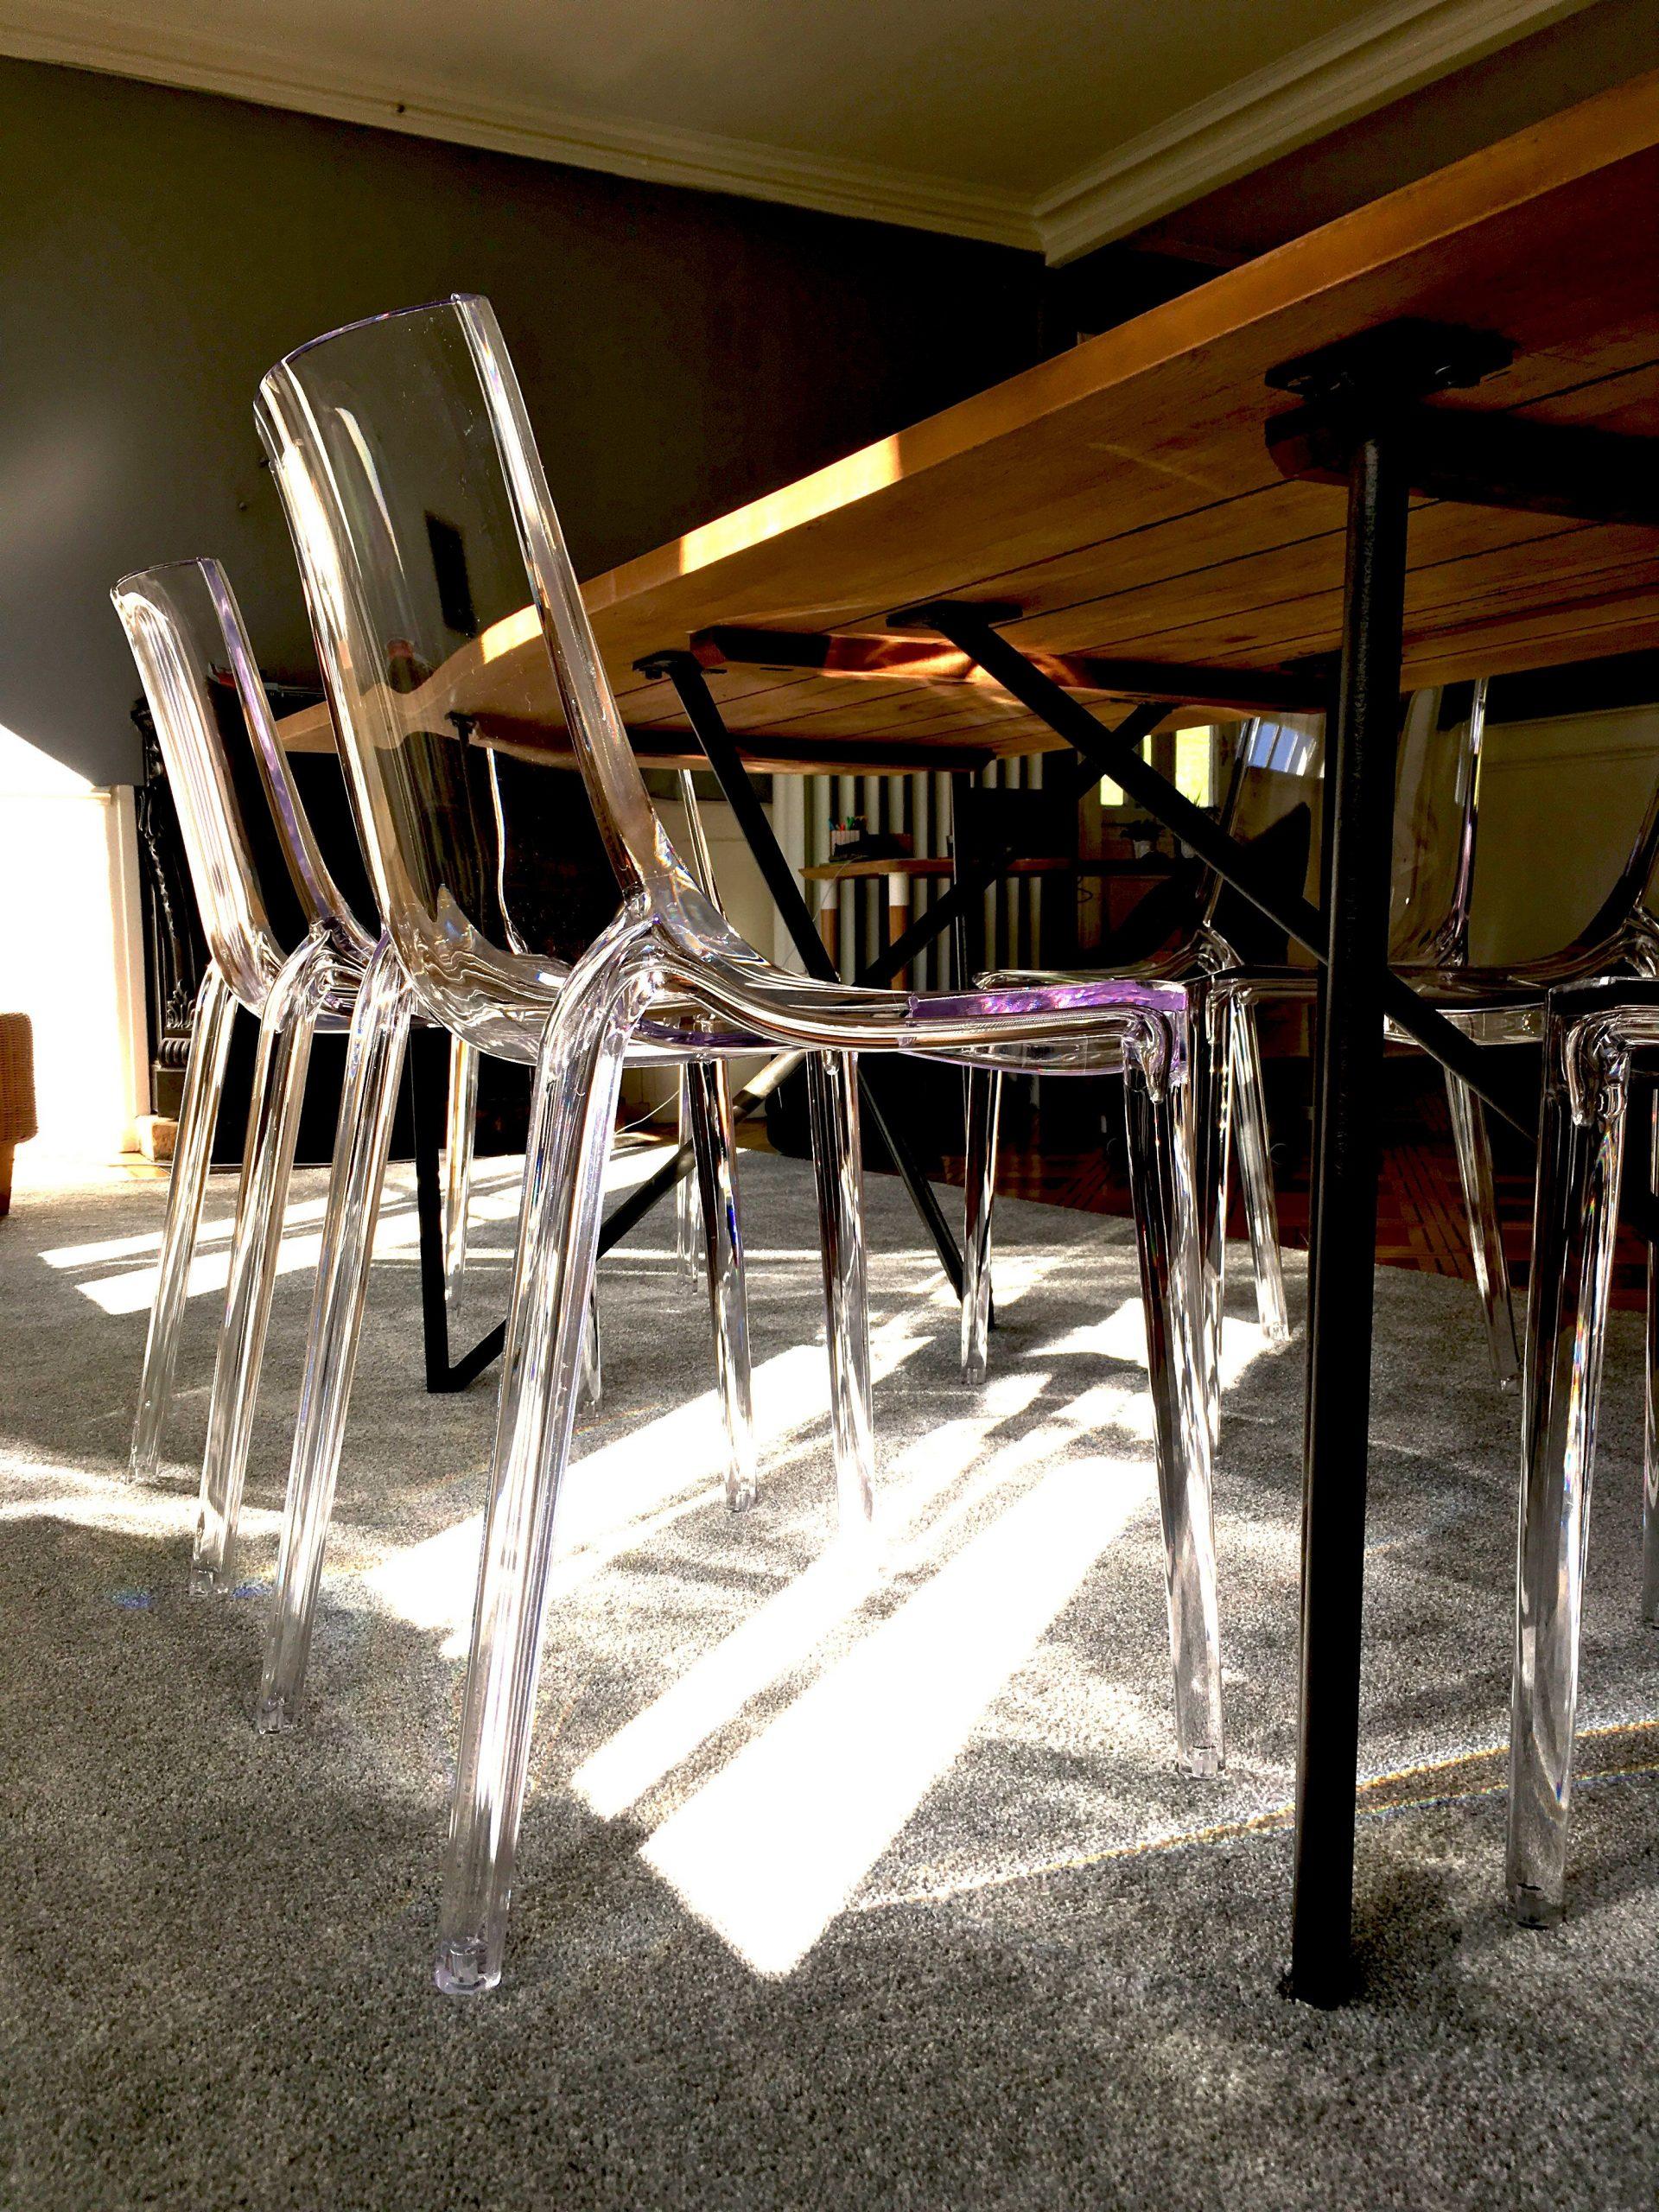 Chaises Design Empilables Transparentes Intérieur encequiconcerne Chaises Transparentes Castorama